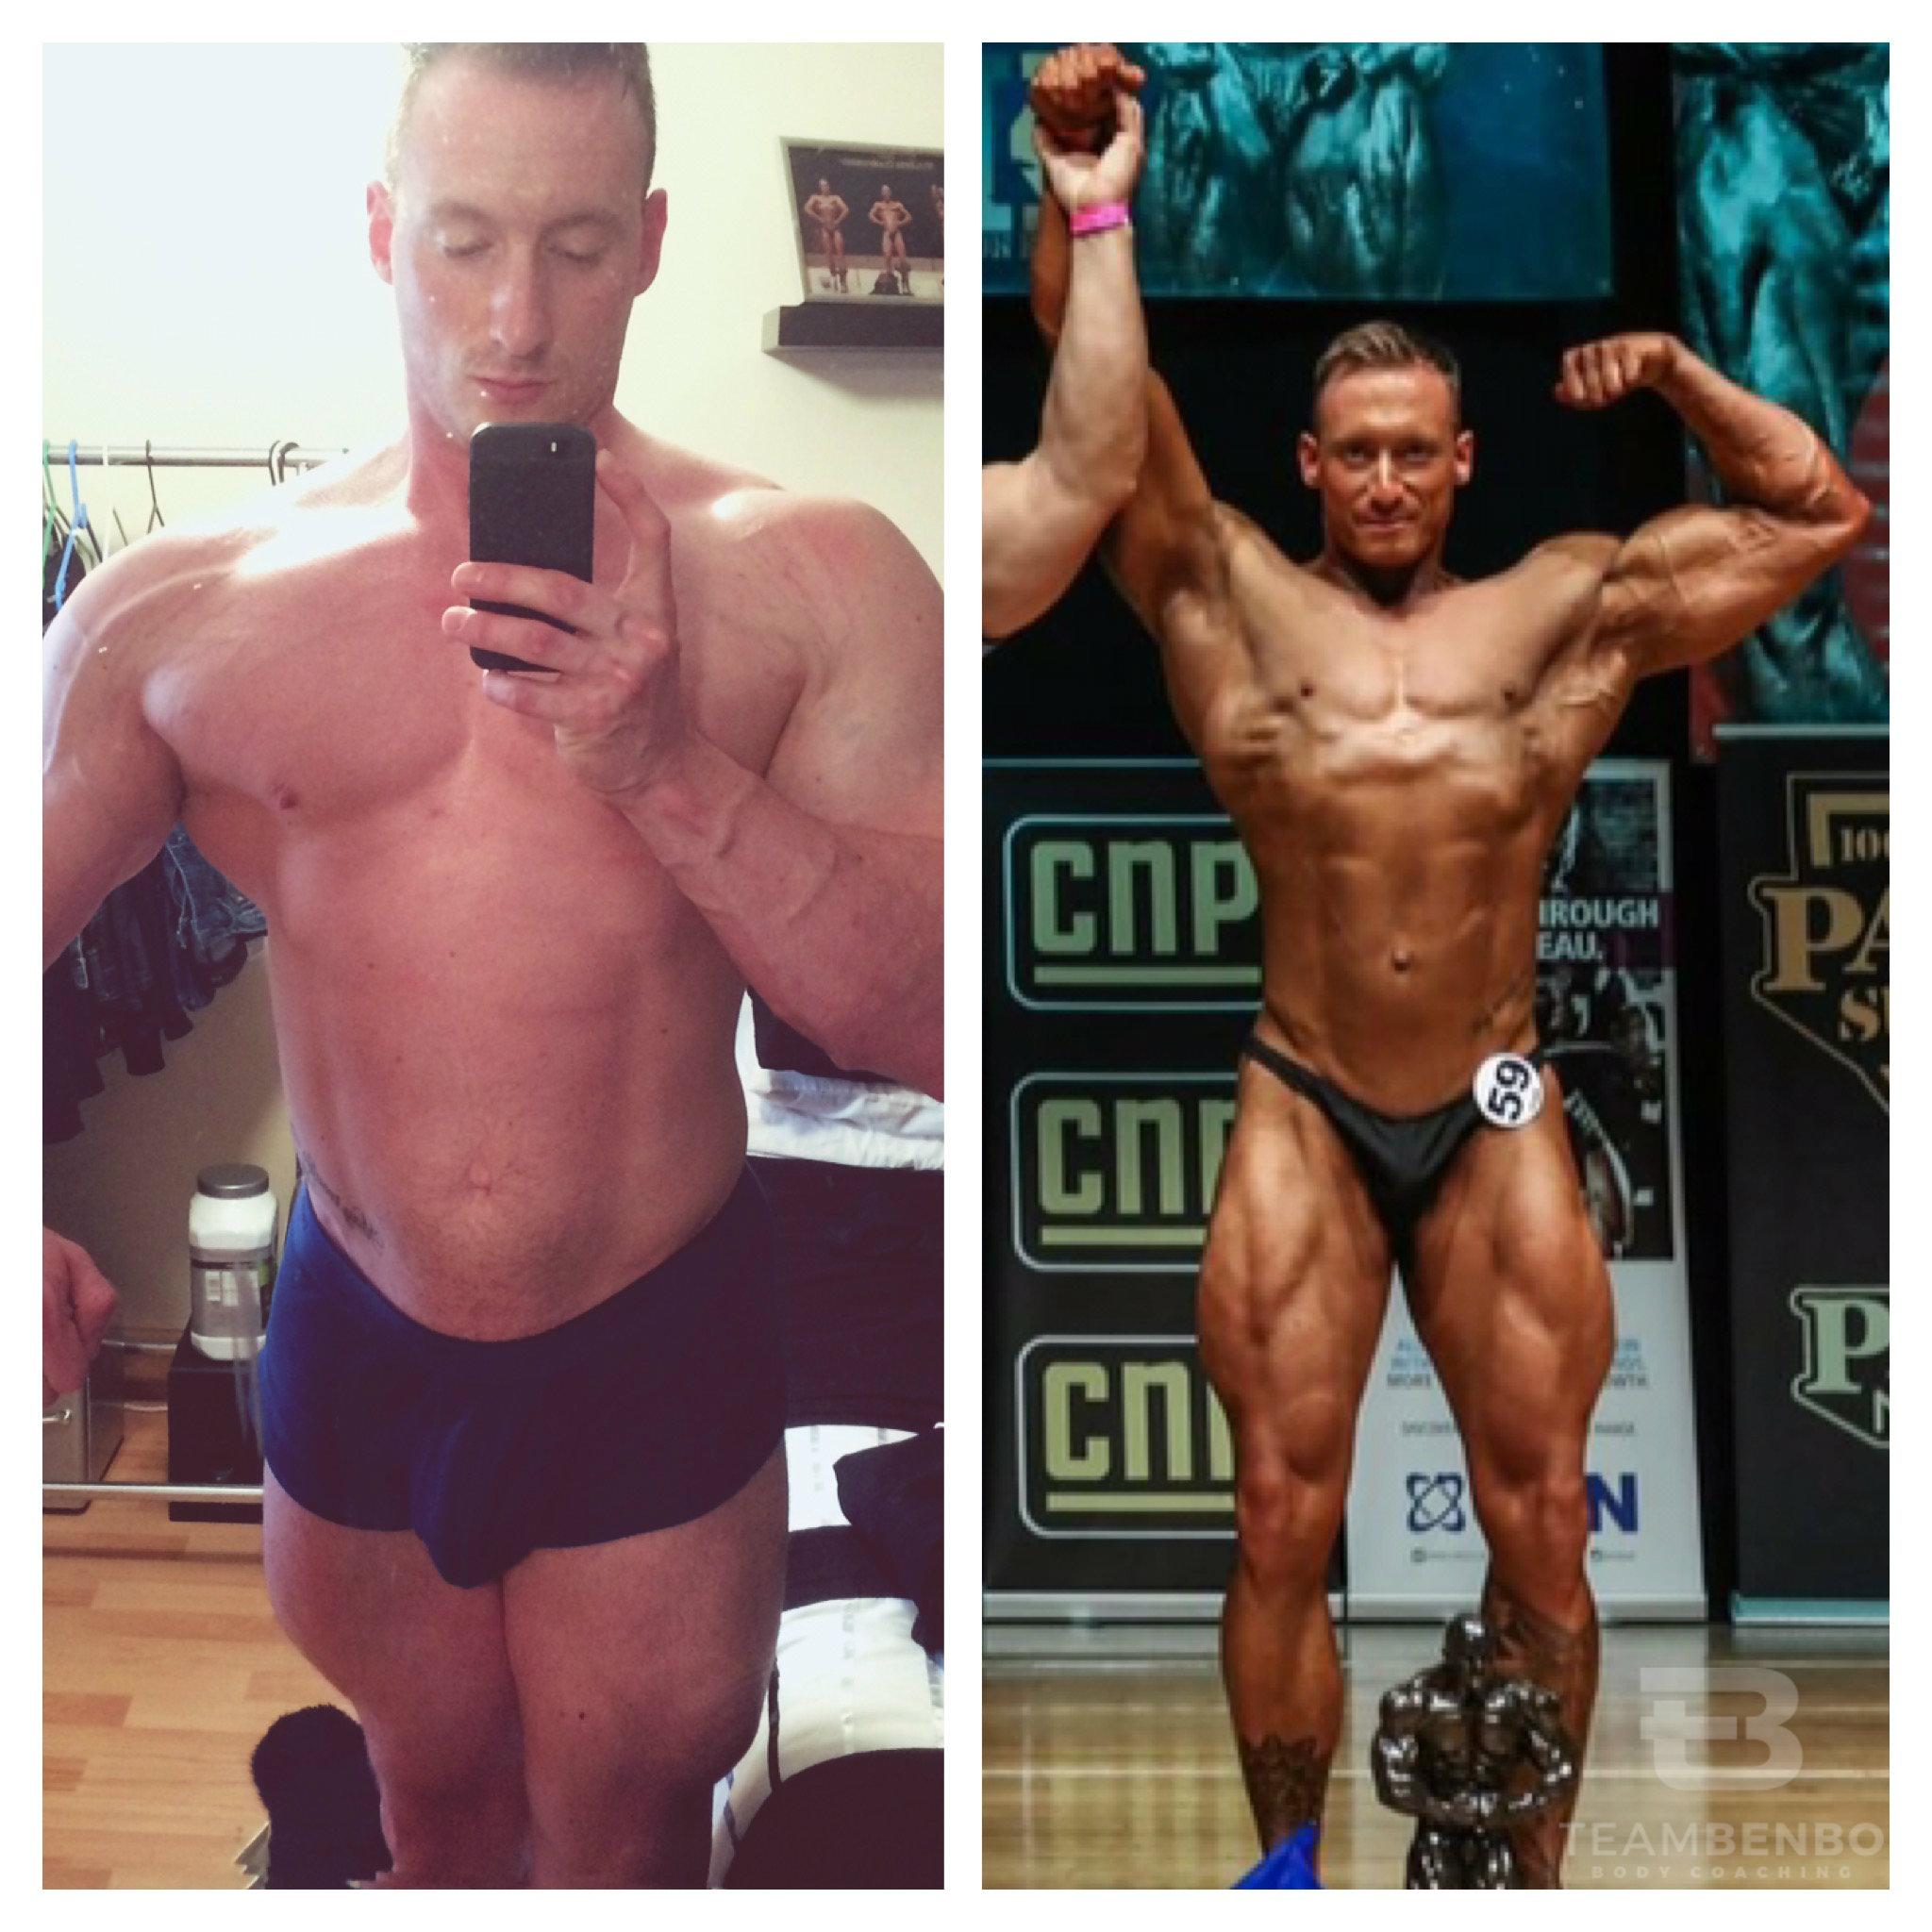 Ben transformation 2016